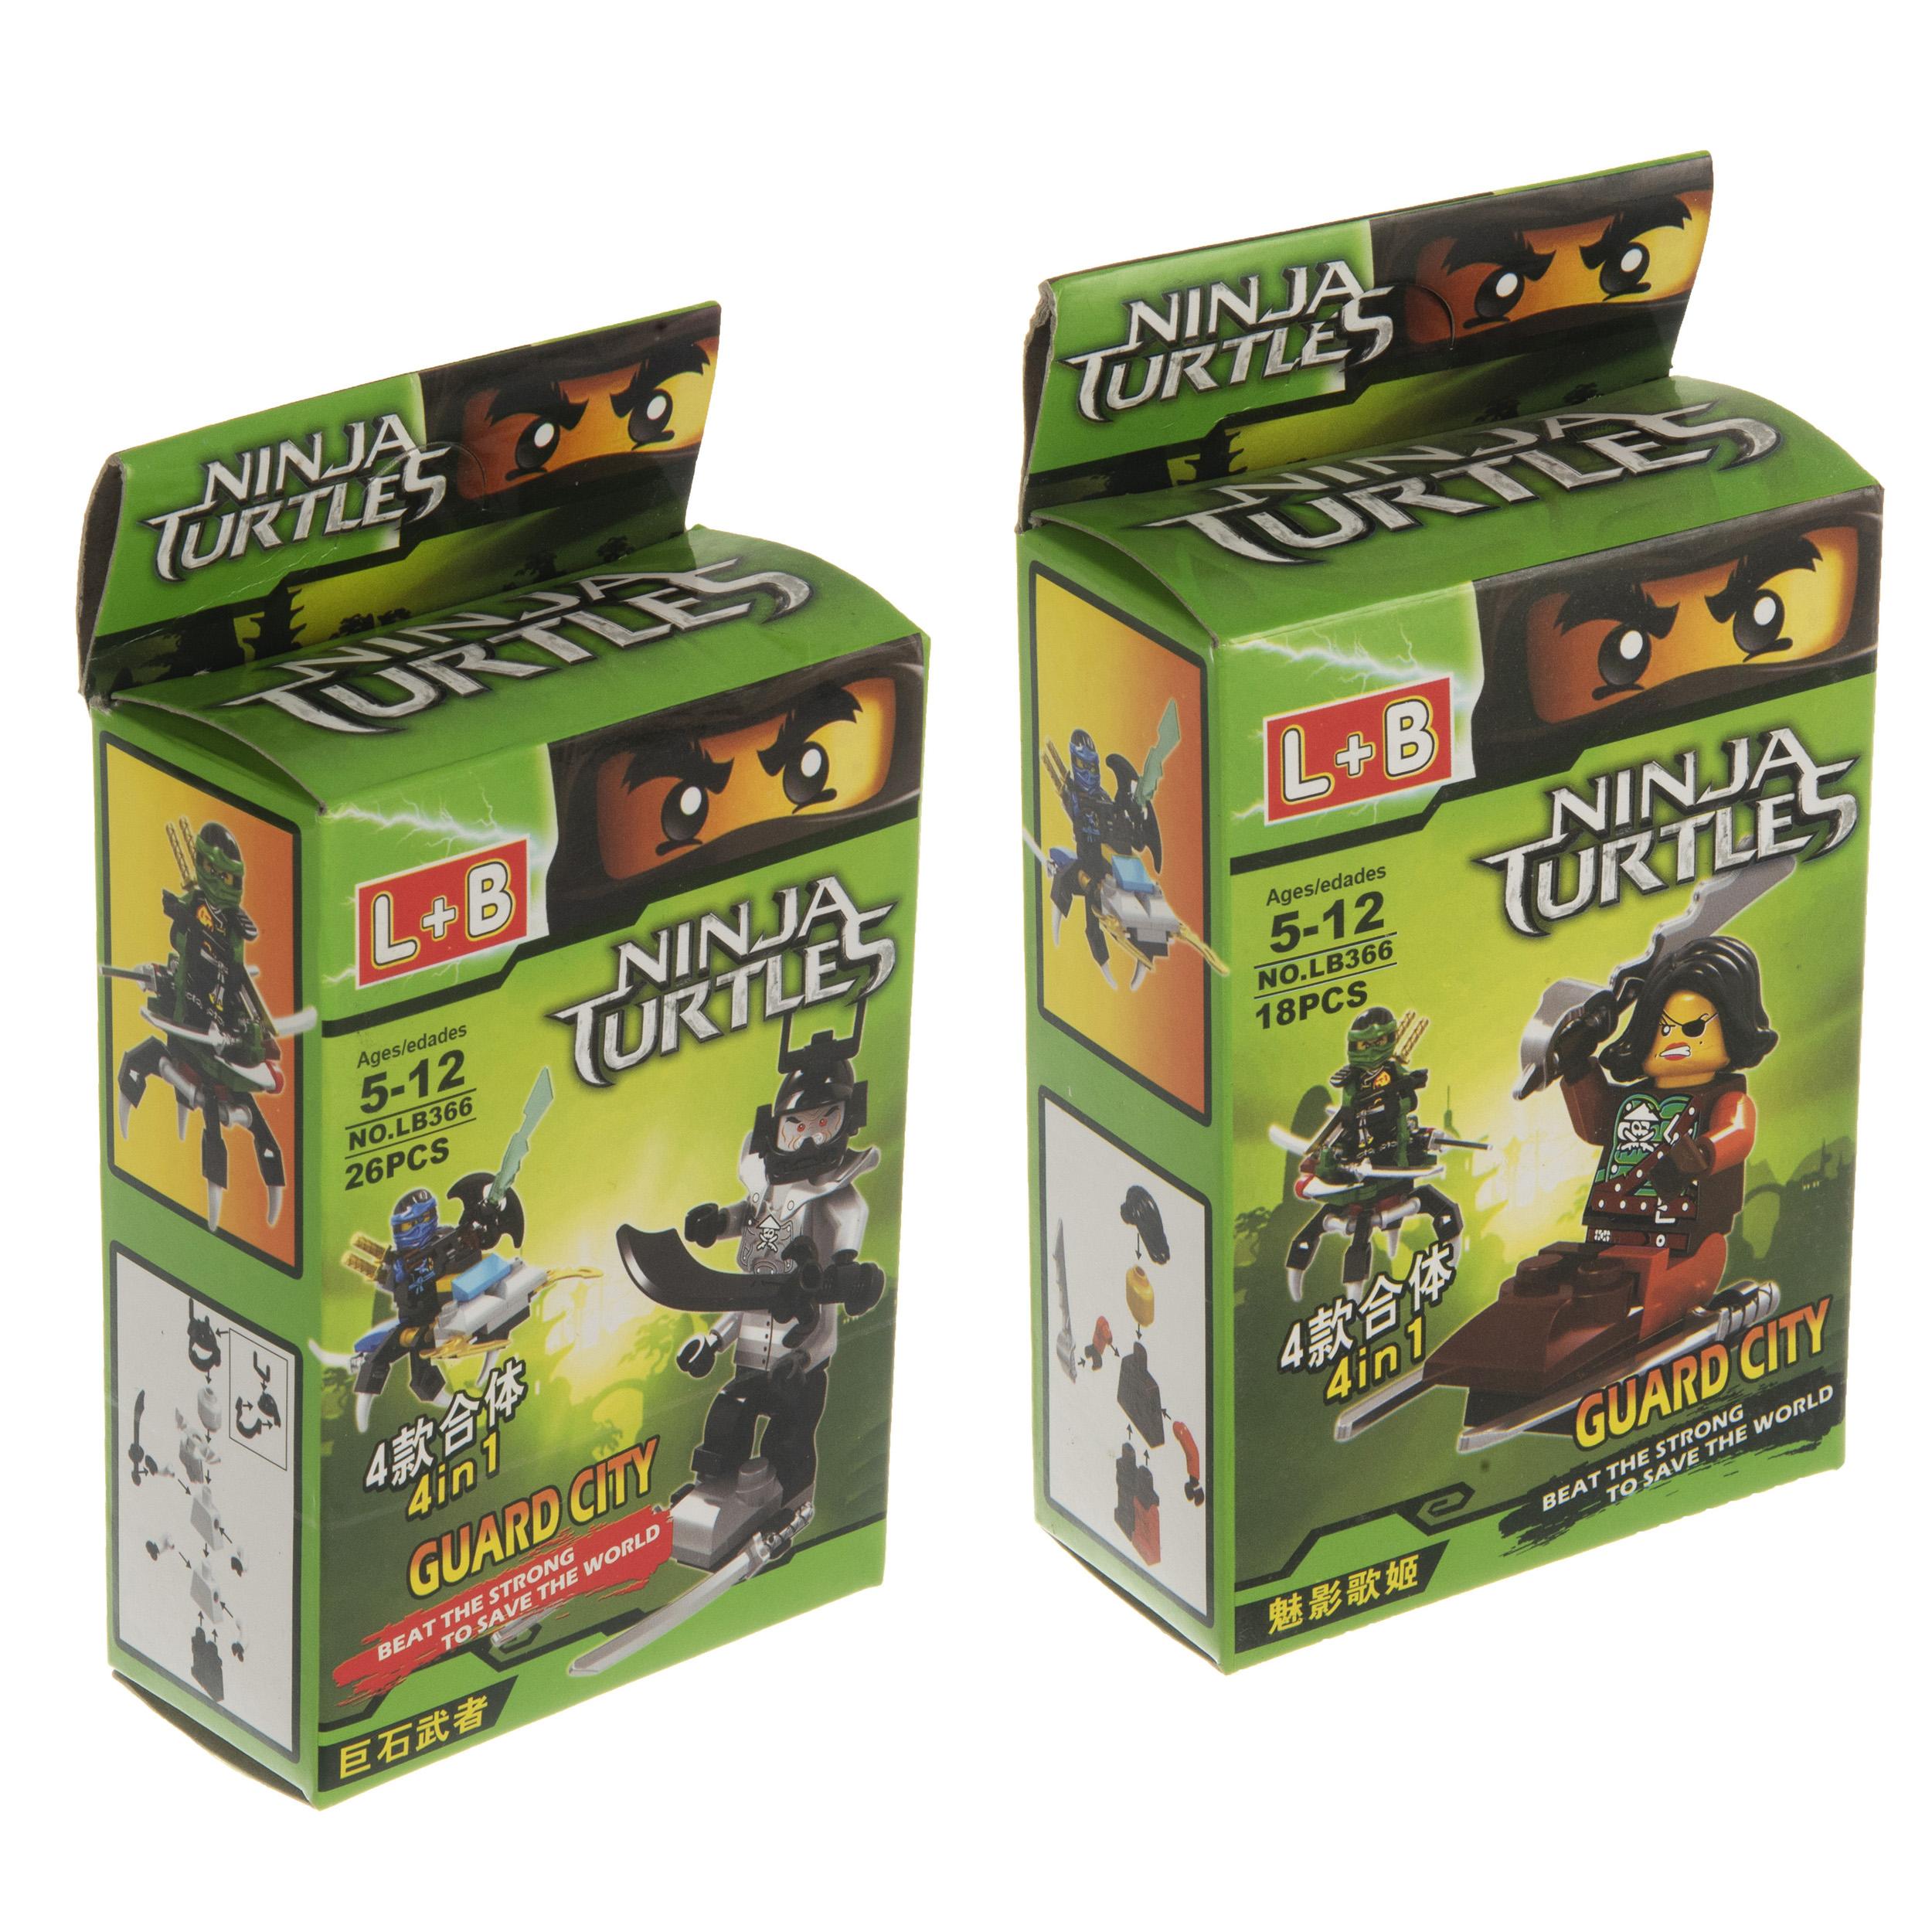 ساختنی طرح لاکپشت های نینجا کد 5439 مجموعه دو عددی